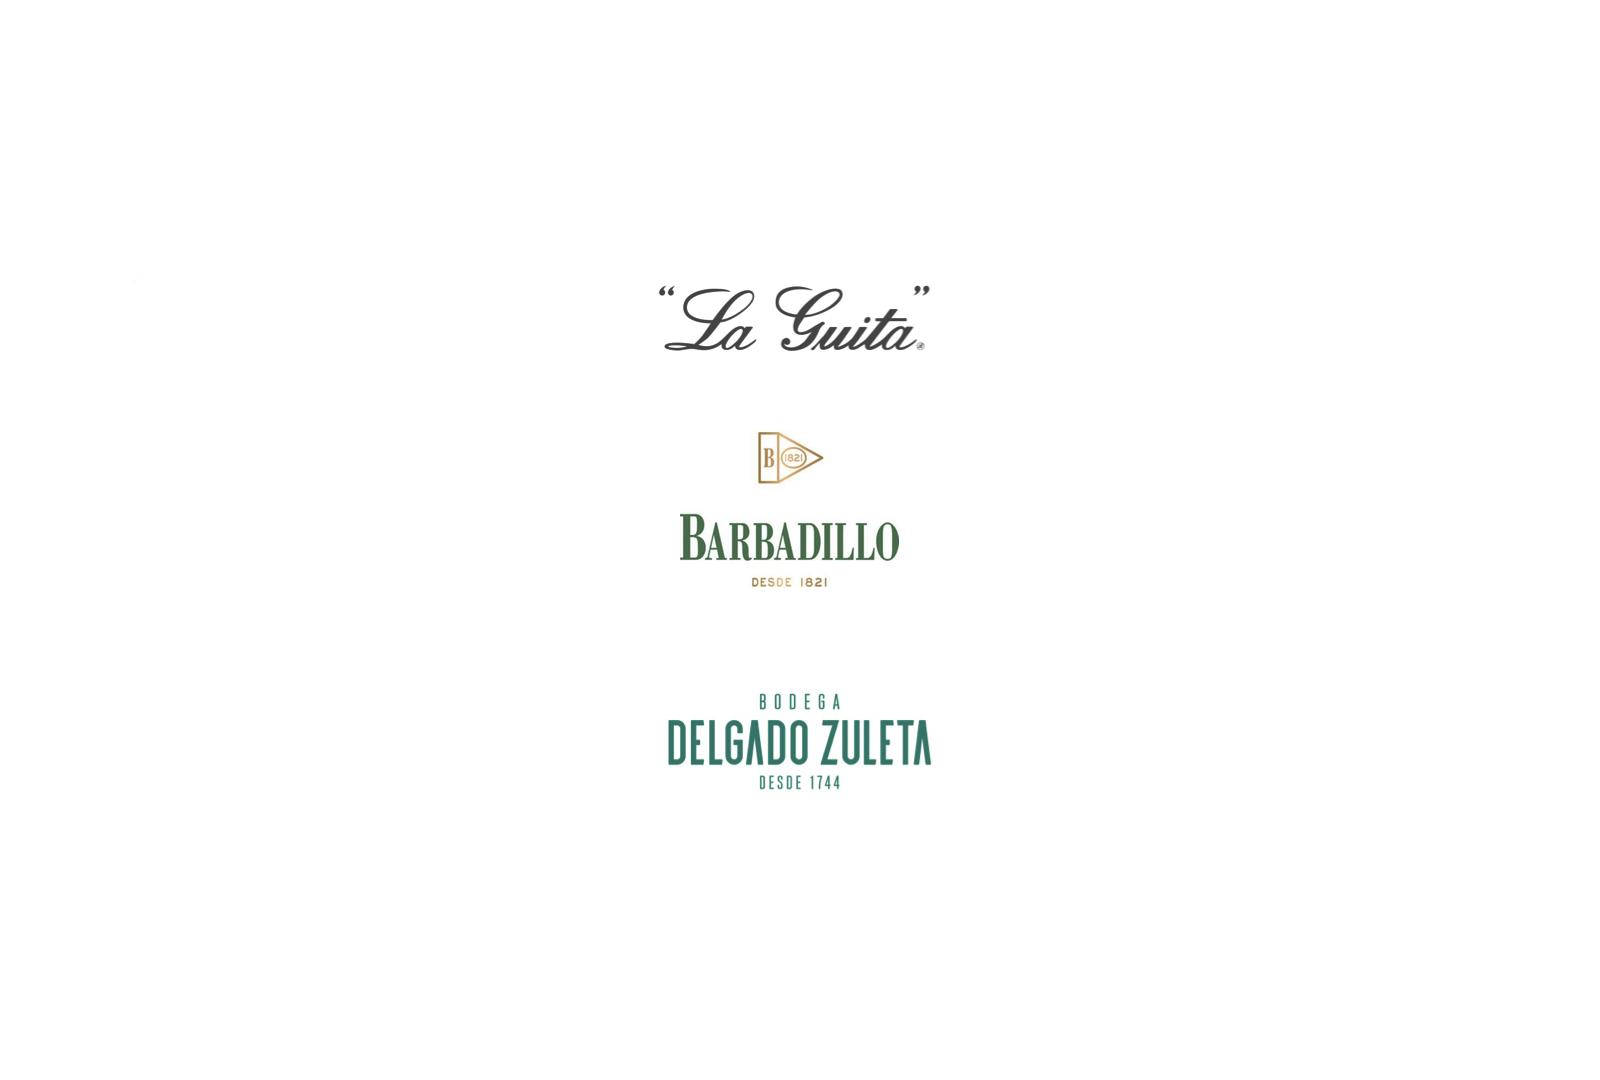 Bodegas Delgado Zuleta, Barbadillo y La Guita.